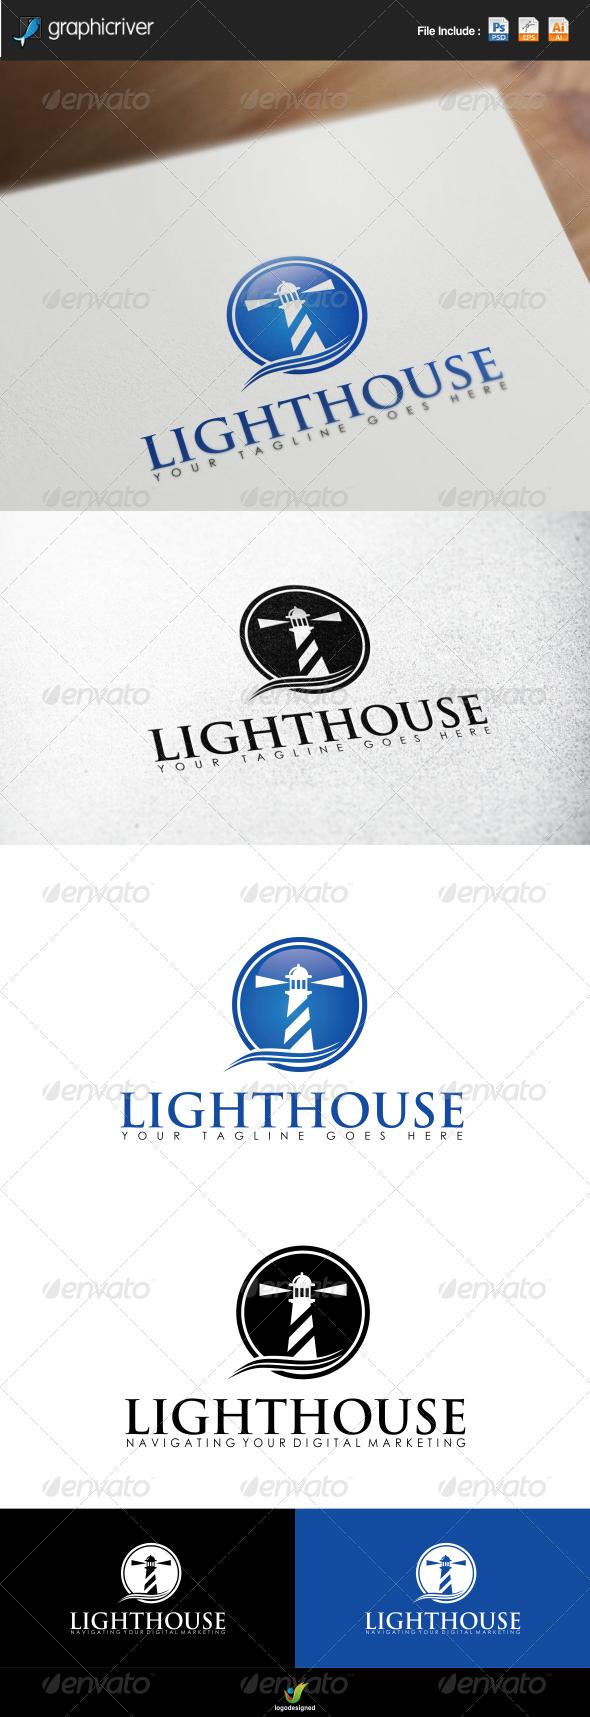 GraphicRiver Lighthouse Logo 7135869